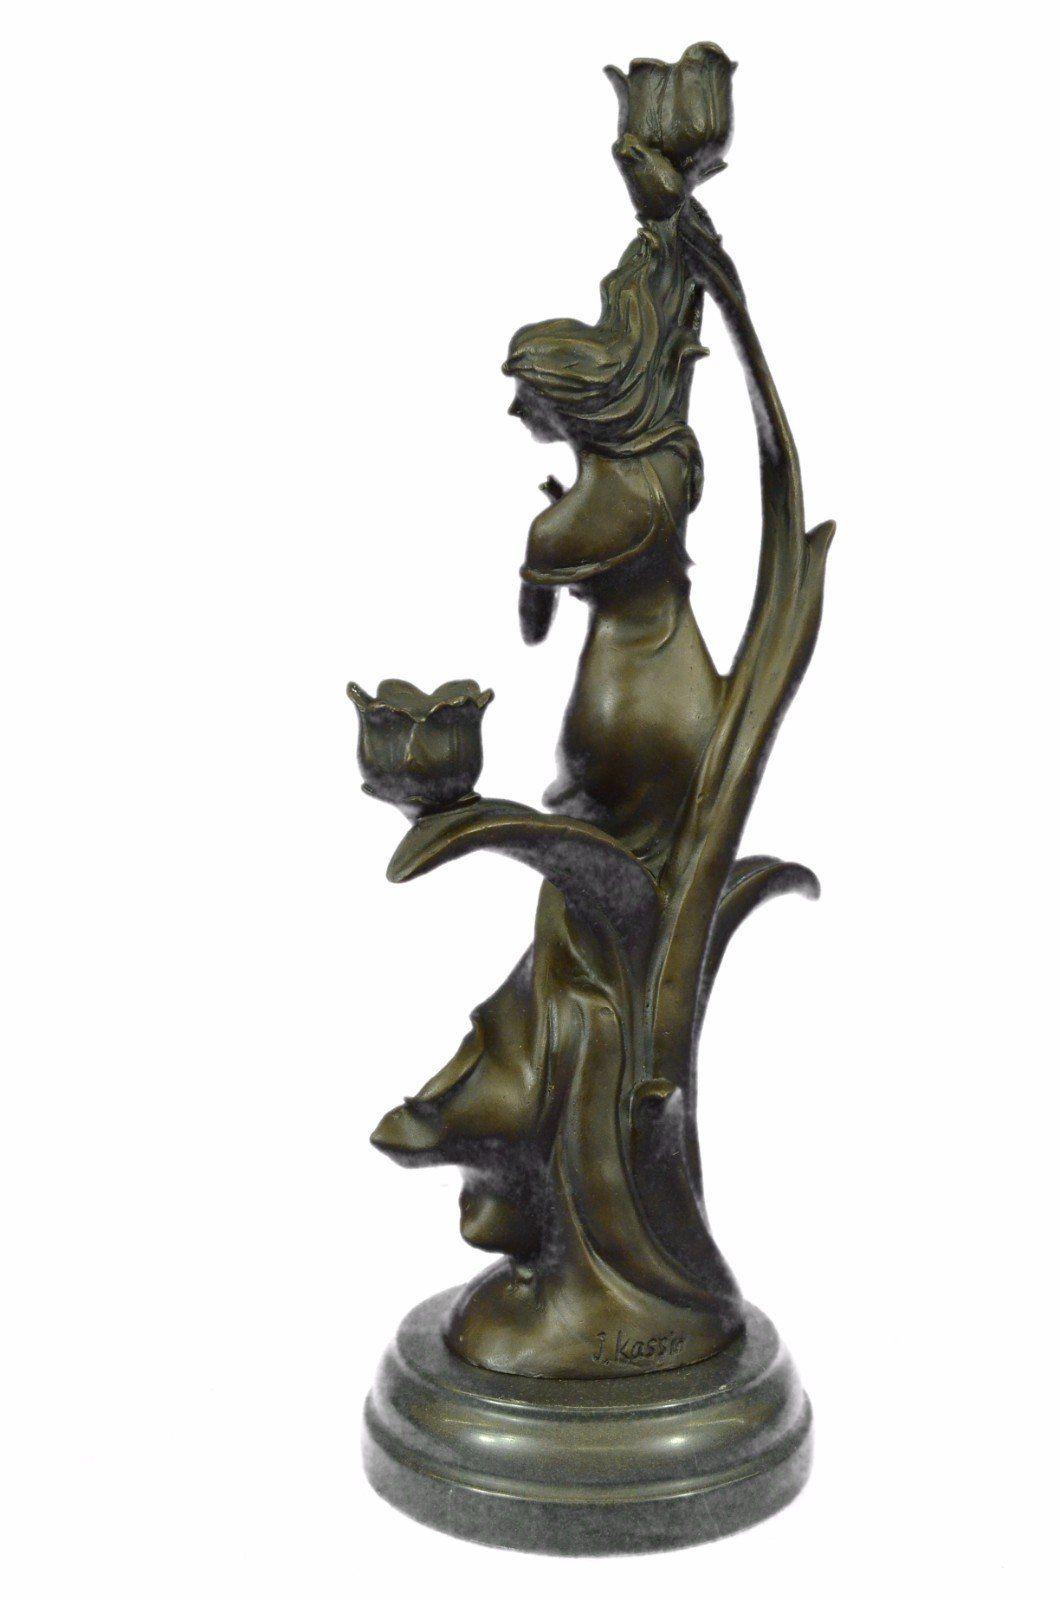 Handmade European Bronze Sculpture TALL INDIAN GIRL